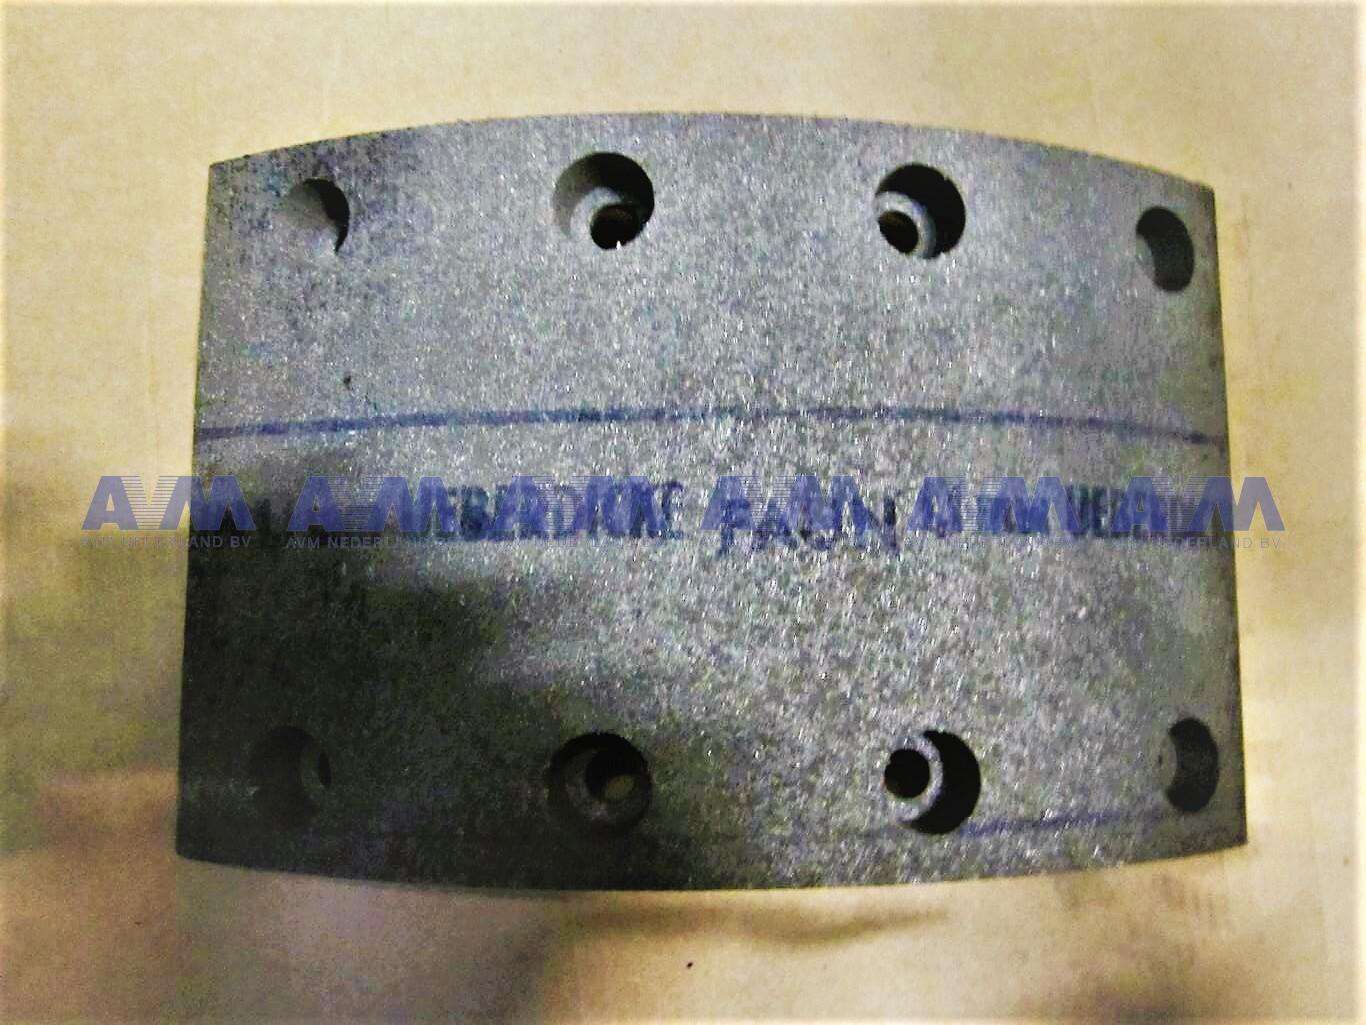 Remvoering overmaat 1 mm o/s Jurid 196871780 1549 Wabco